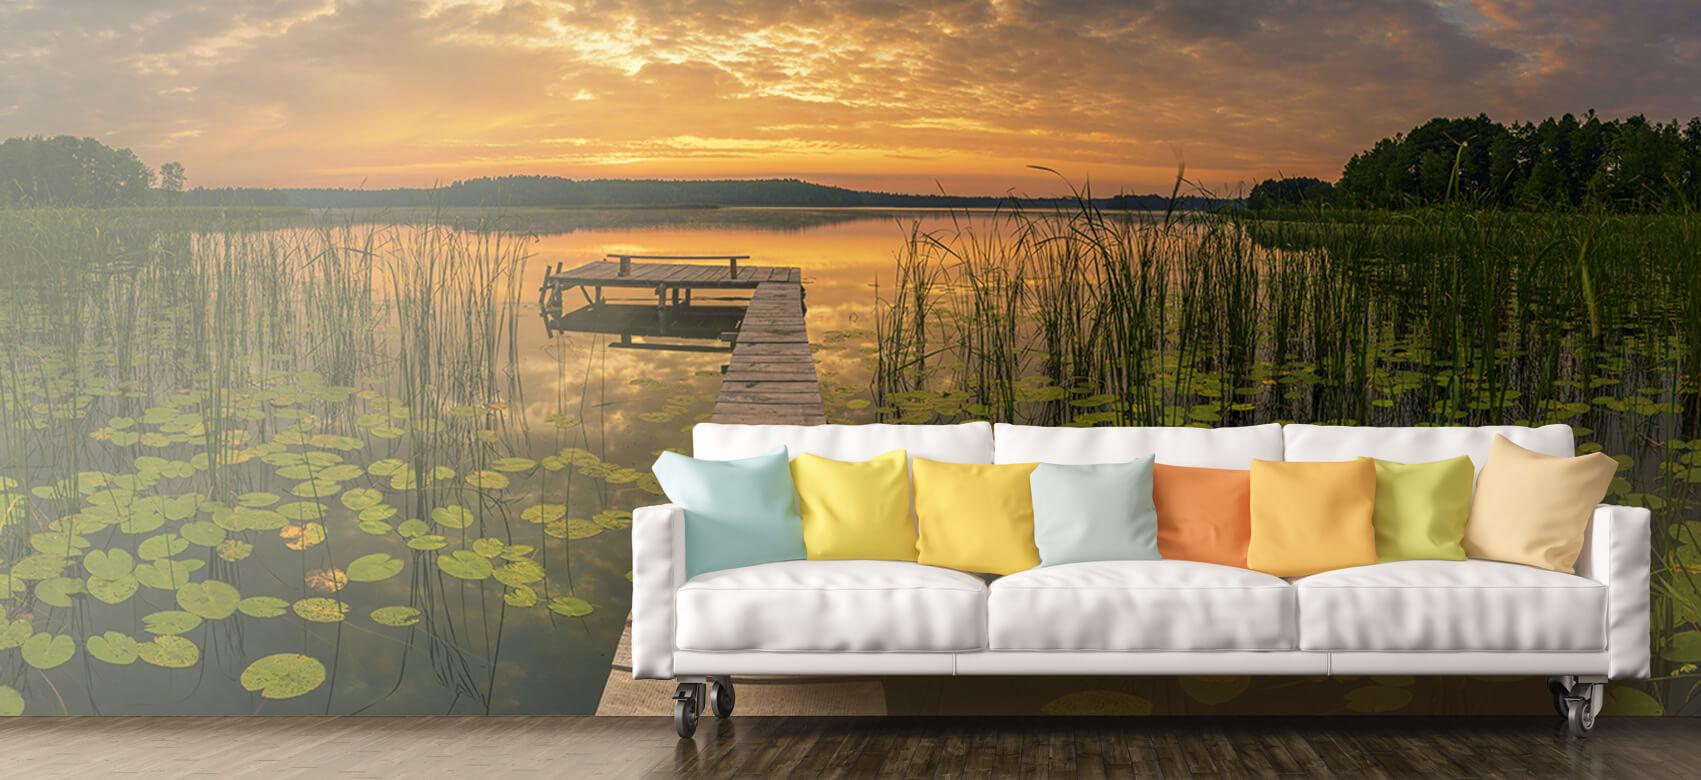 Houten Steigers - Zonsopgang aan het meer - Woonkamer 10